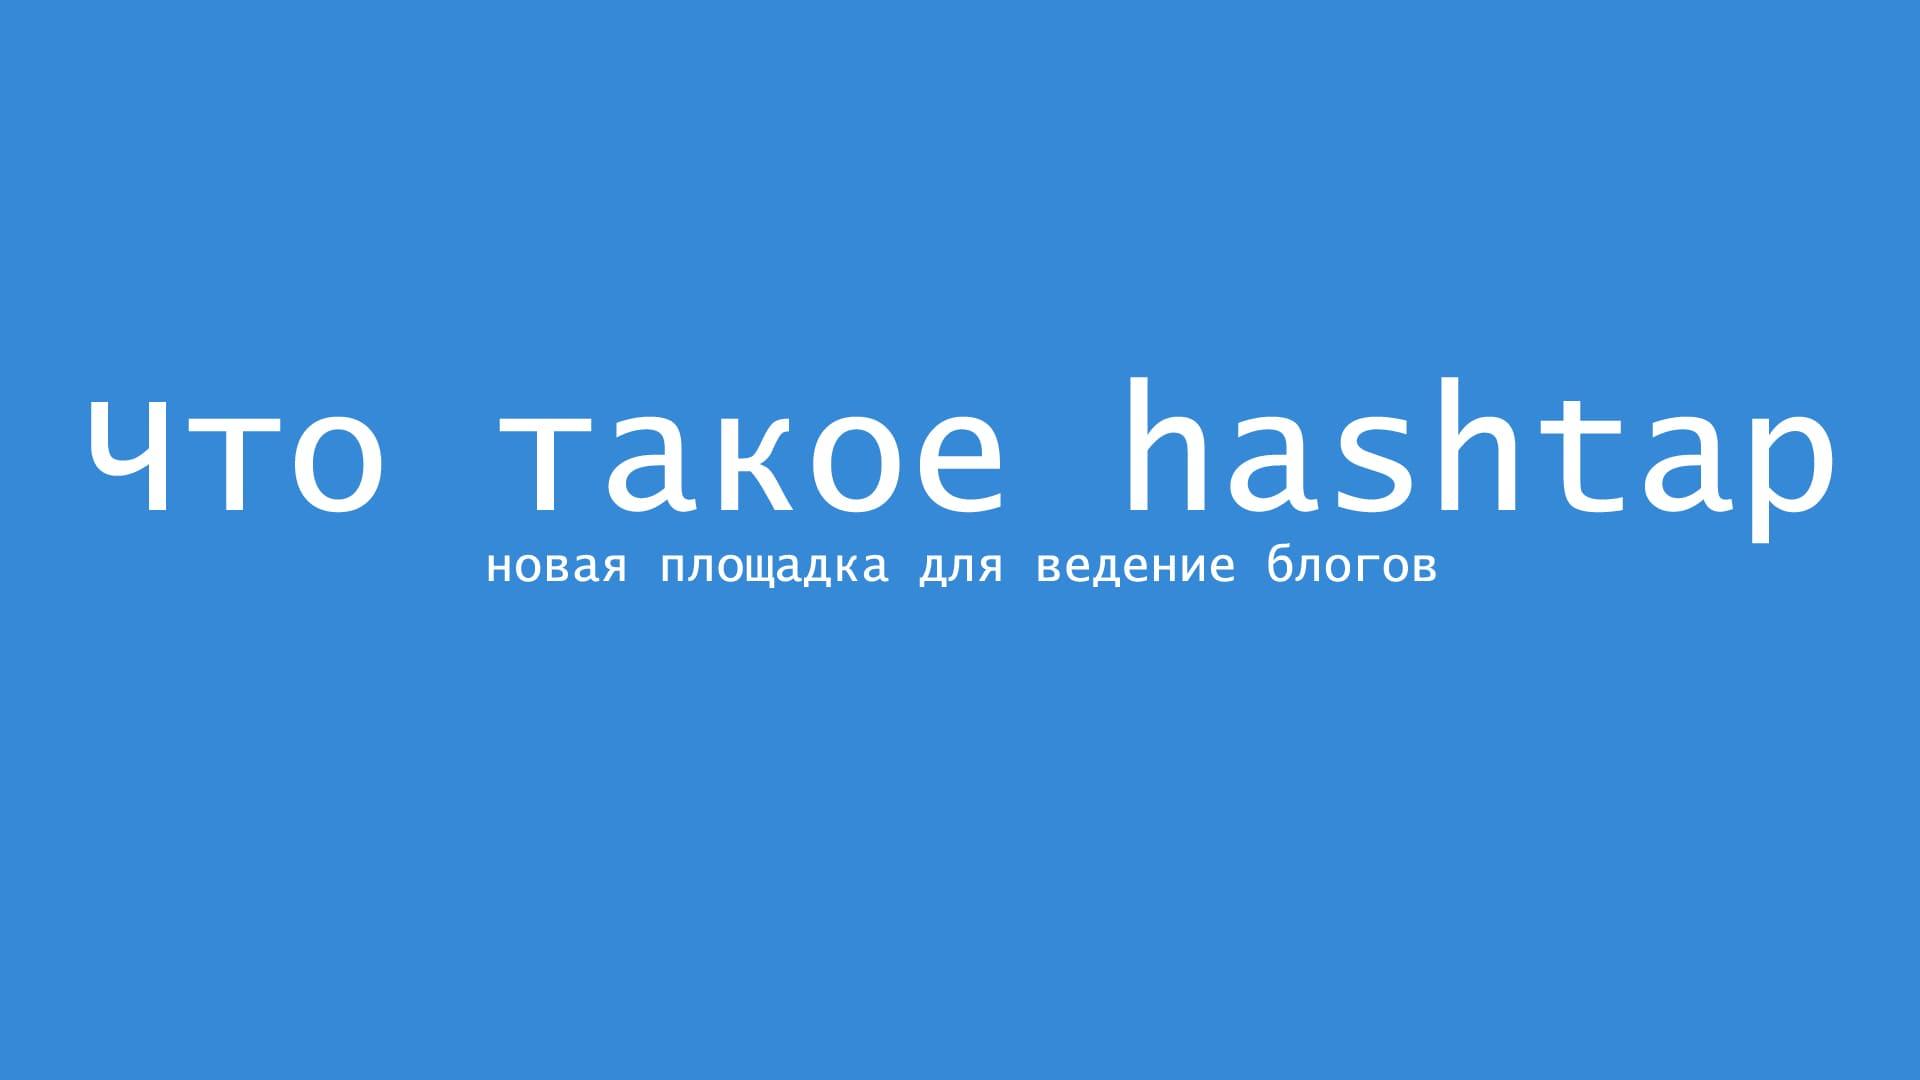 Что такое hashtap